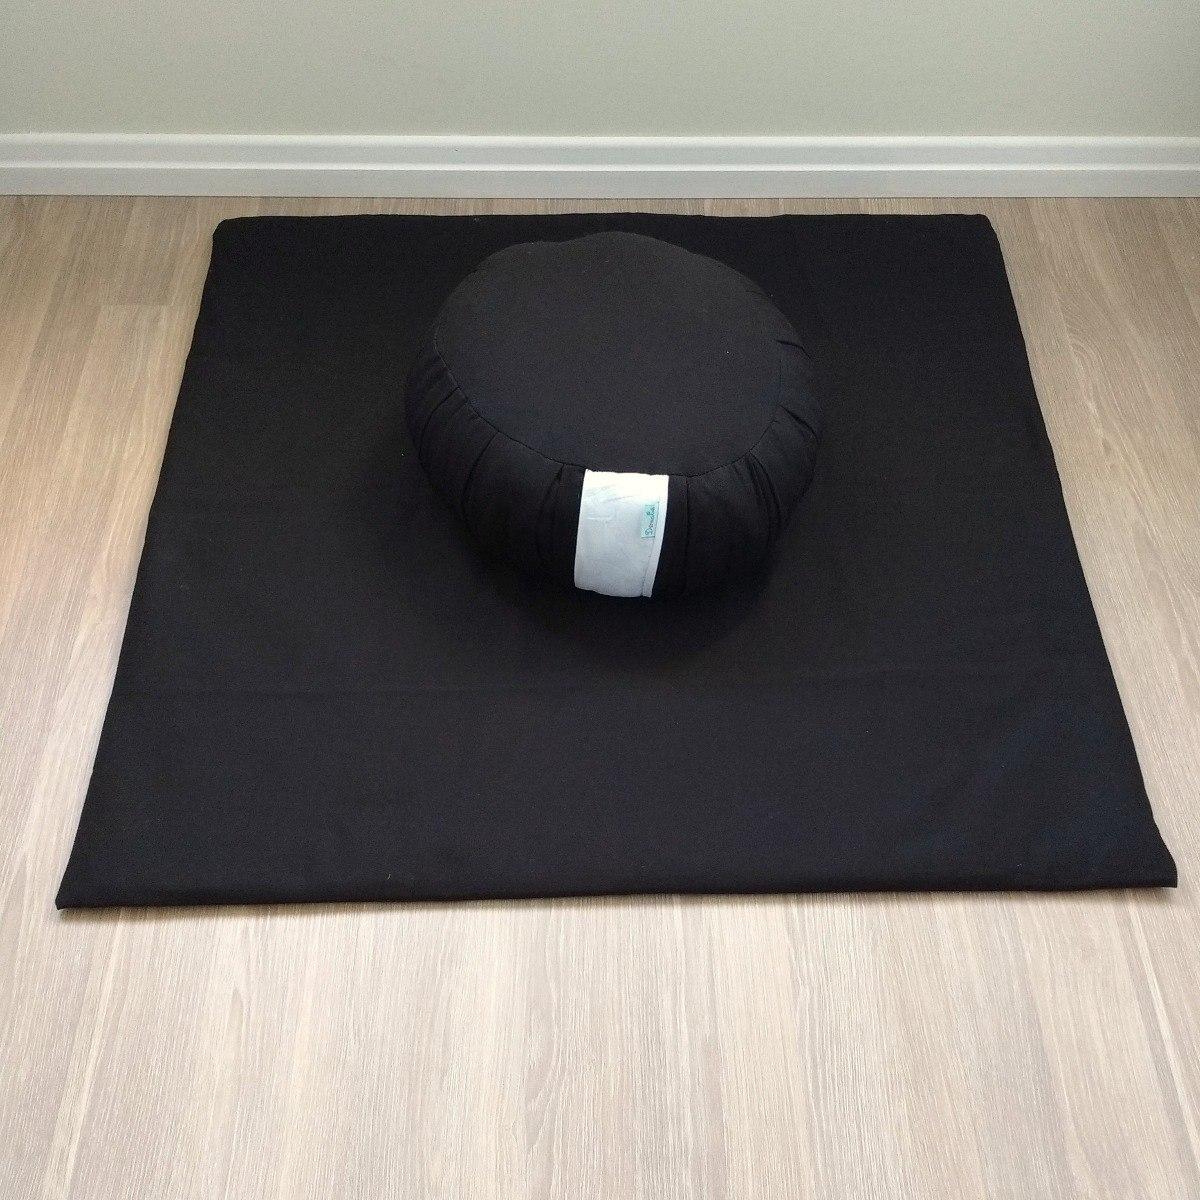 zafú e zabuton almofadas de meditação cor preto r 214 00 em